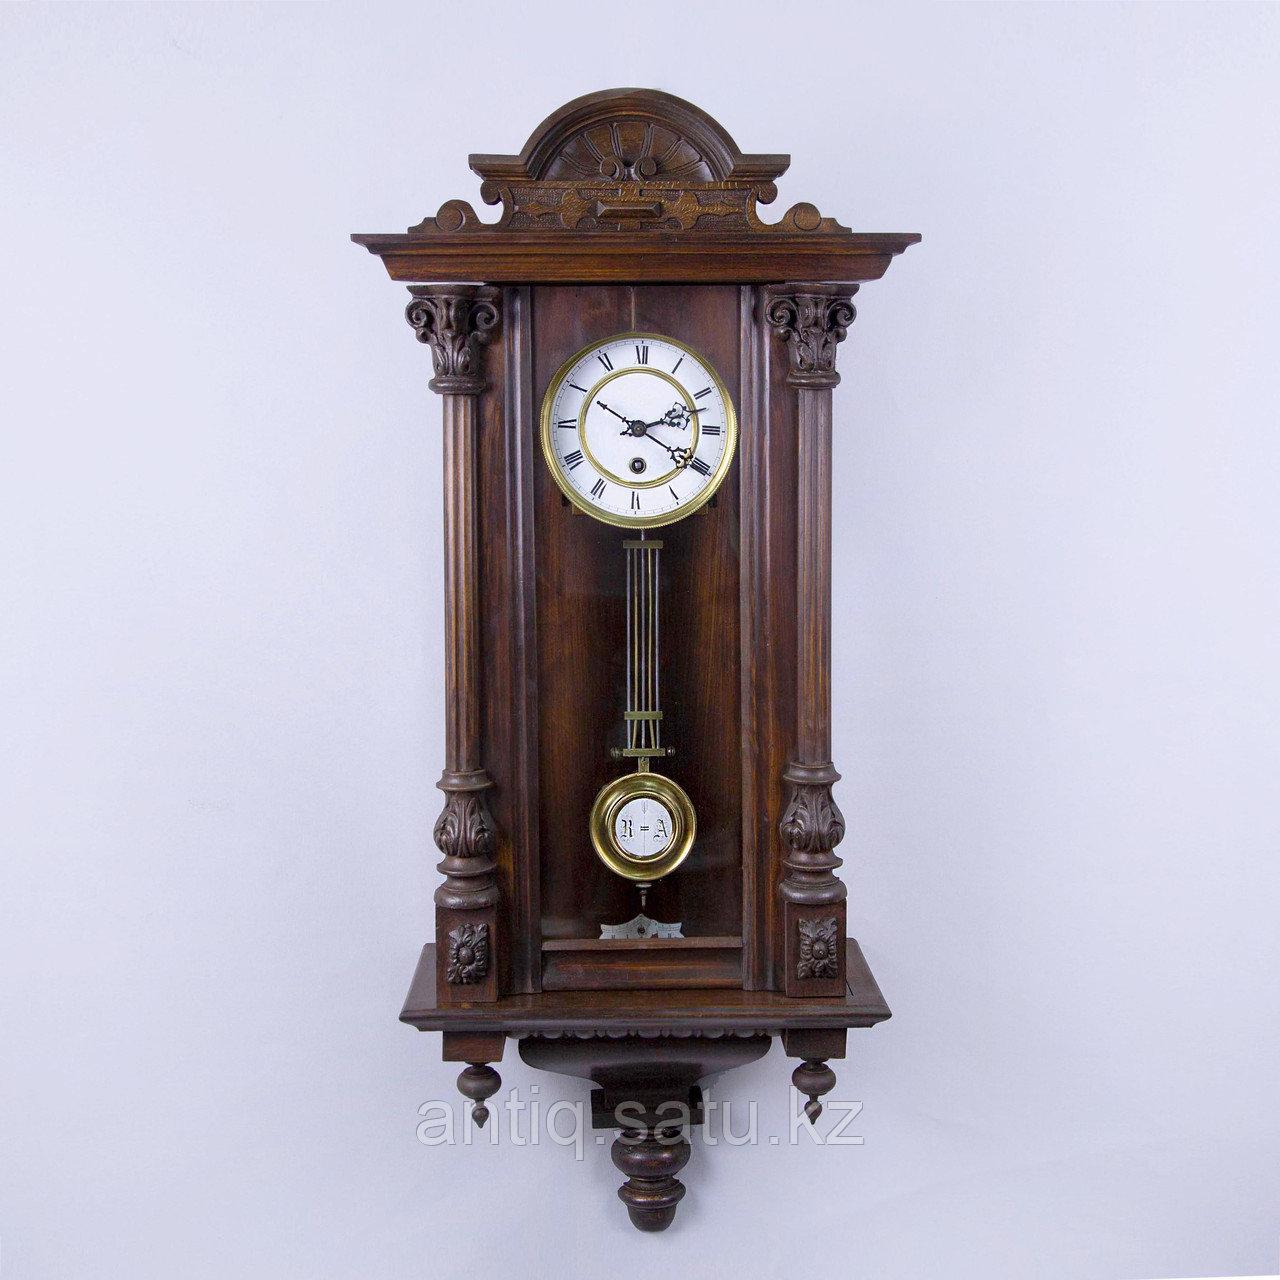 Настенные часы в корпусе классической формы, выполненные из массива дерева. - фото 1